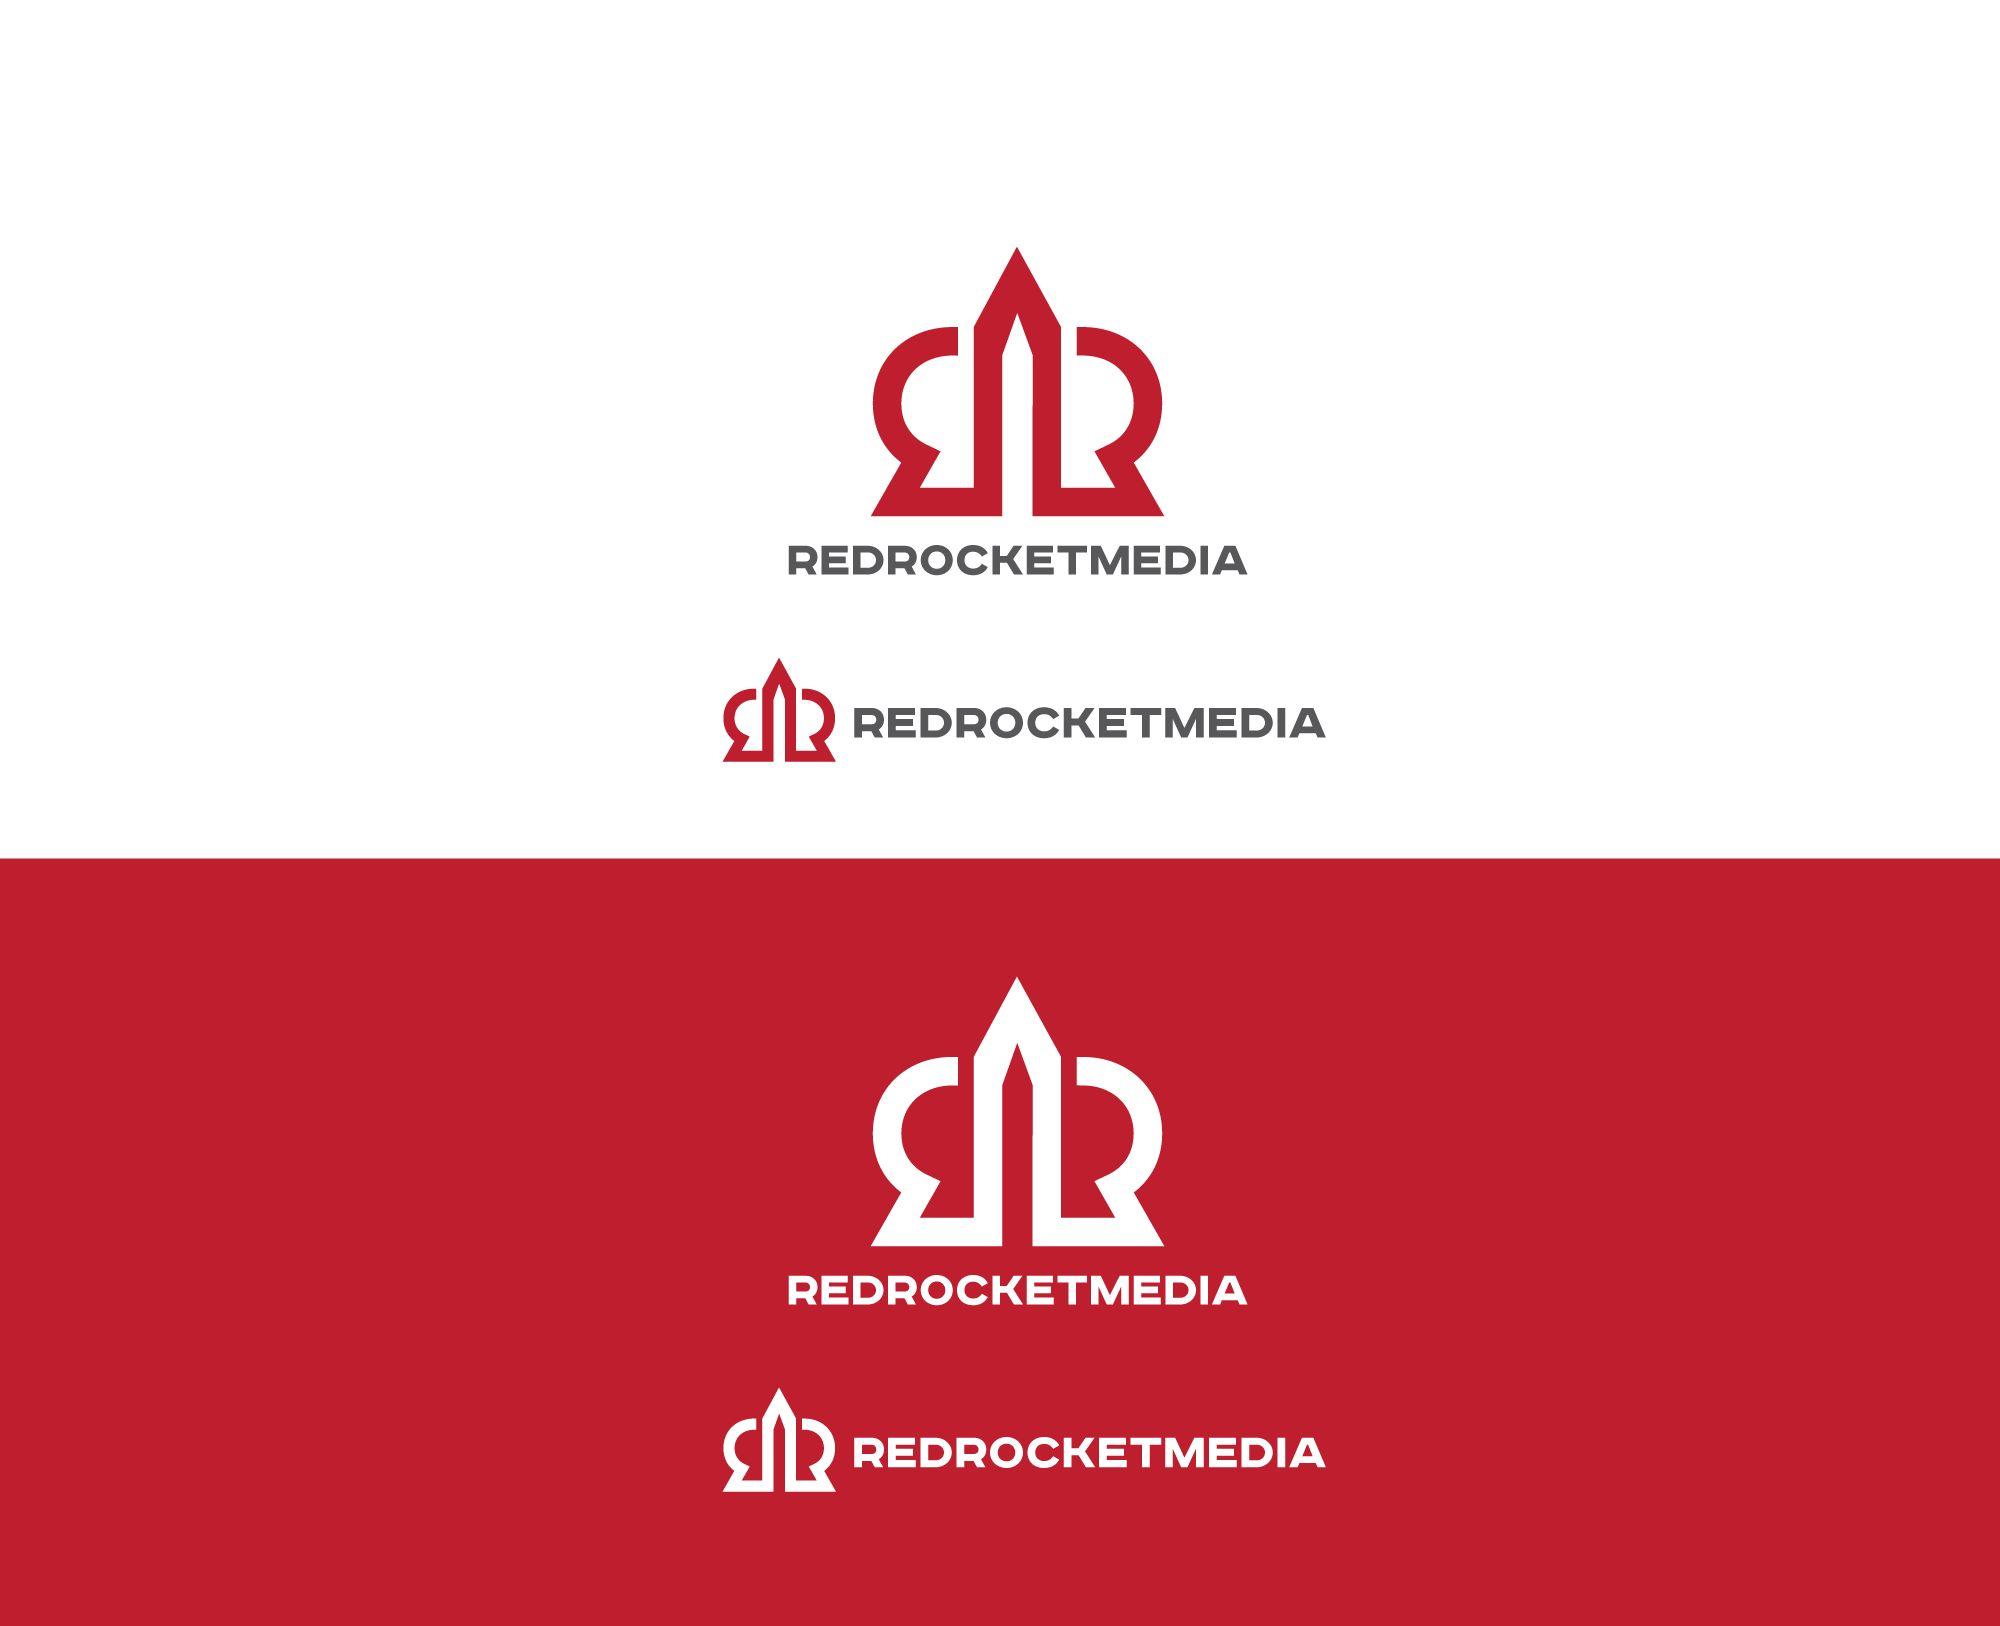 Лого и фирменный стиль для RedRocketMedia - дизайнер spawnkr